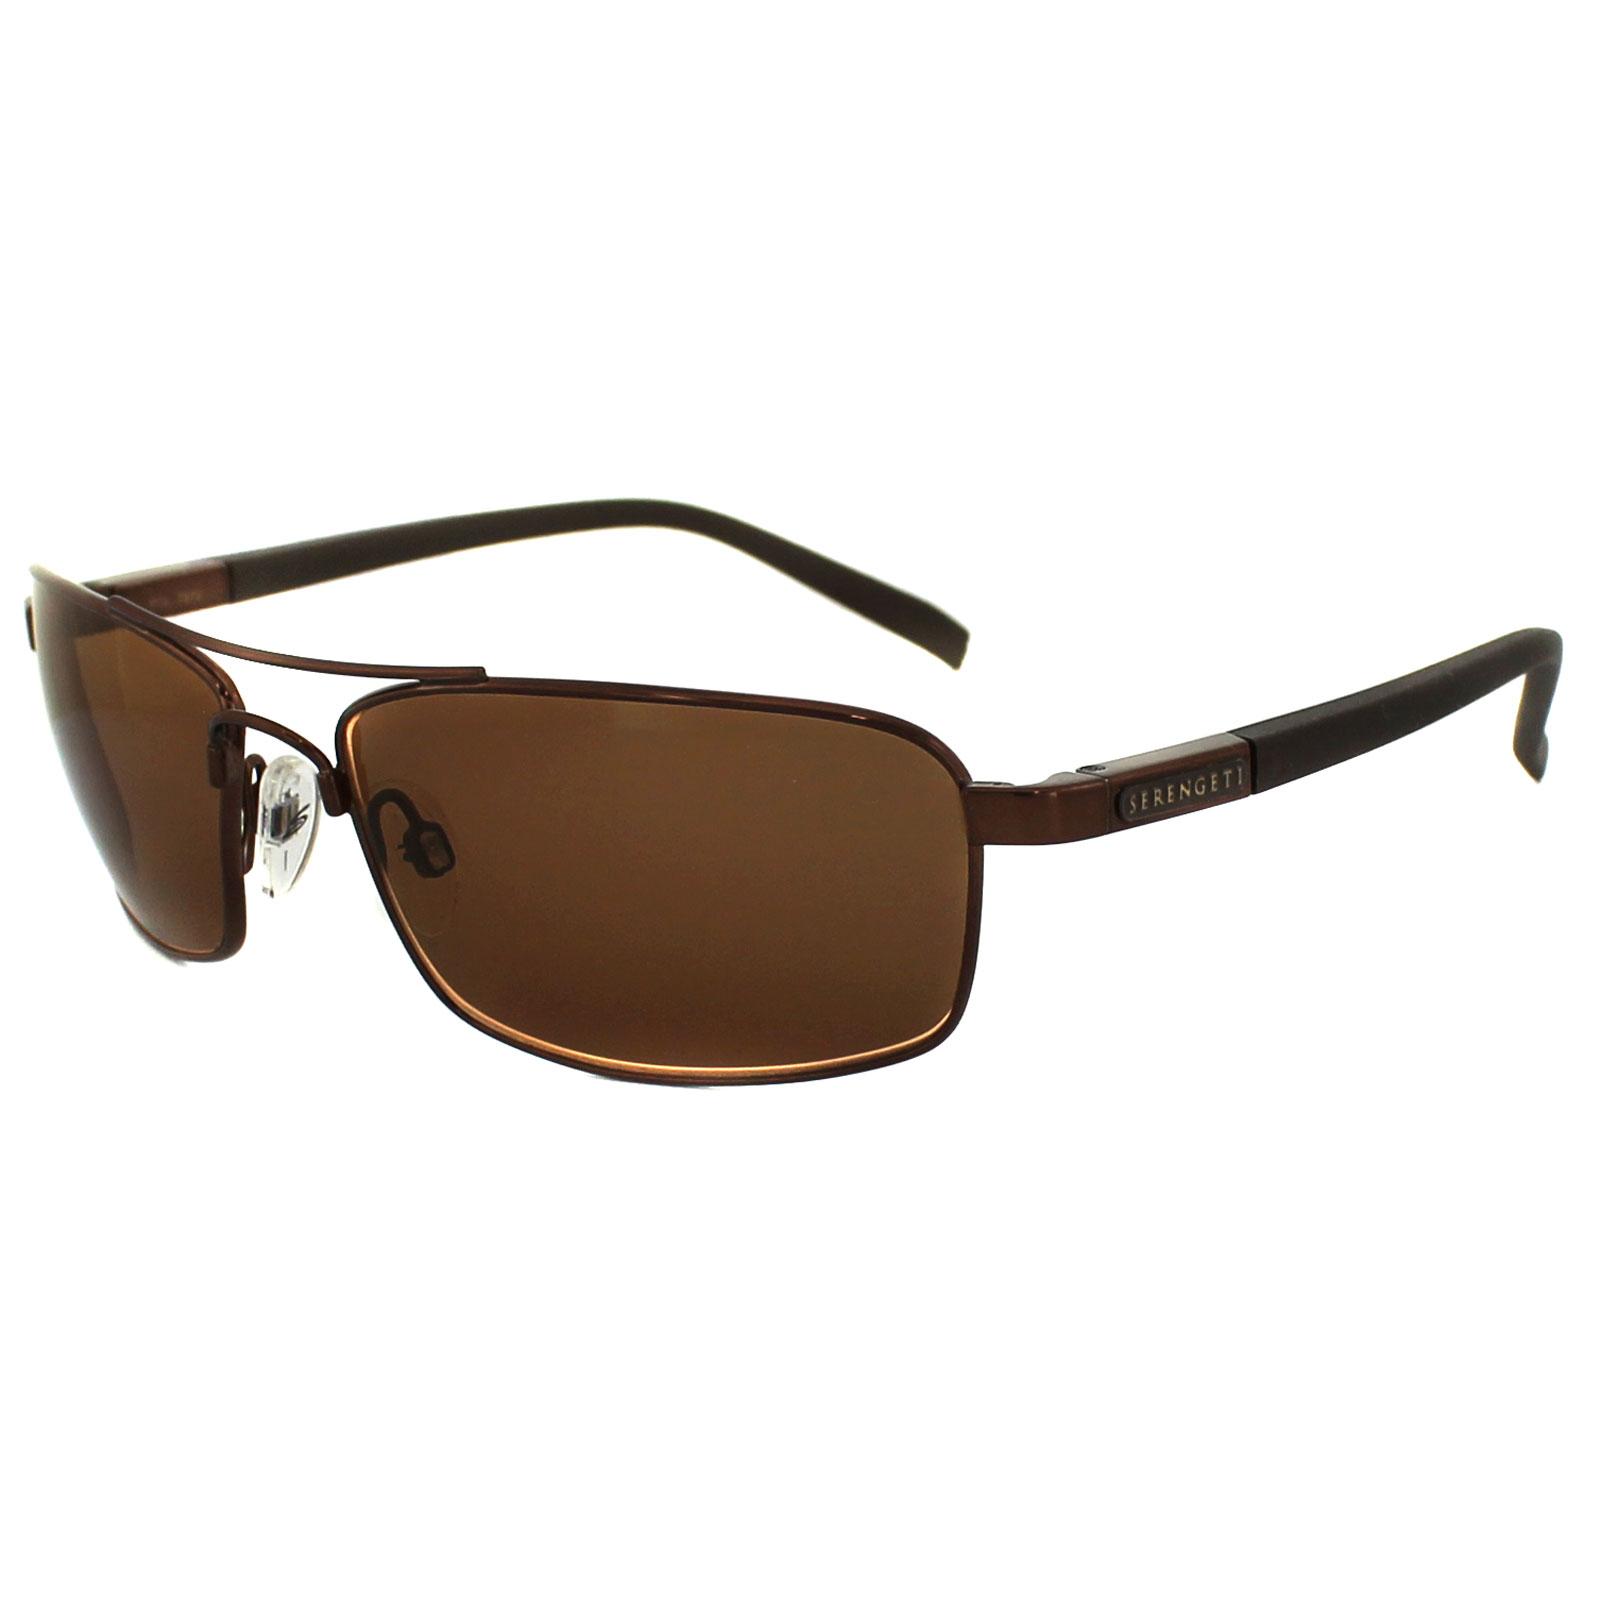 f622d10c9e CENTINELA Serengeti gafas de sol Pareto 7572 brillante luz marrón marrón  conductores polarizado